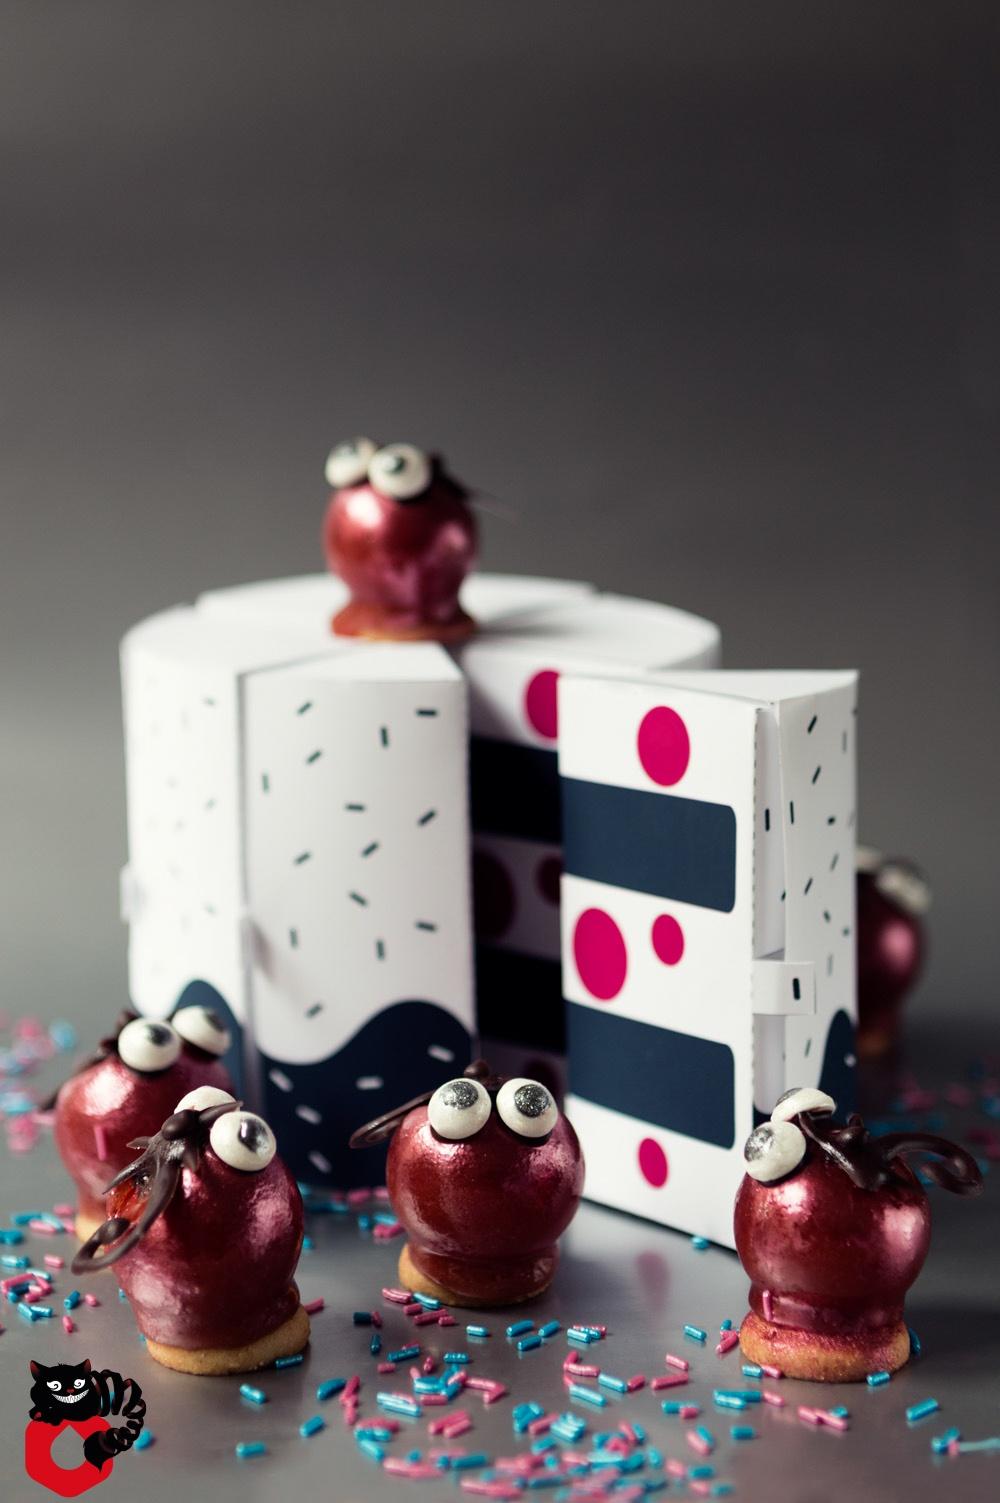 La cerise sur le gâteau 3 - Collab sanglota & Qui a vole les tartes